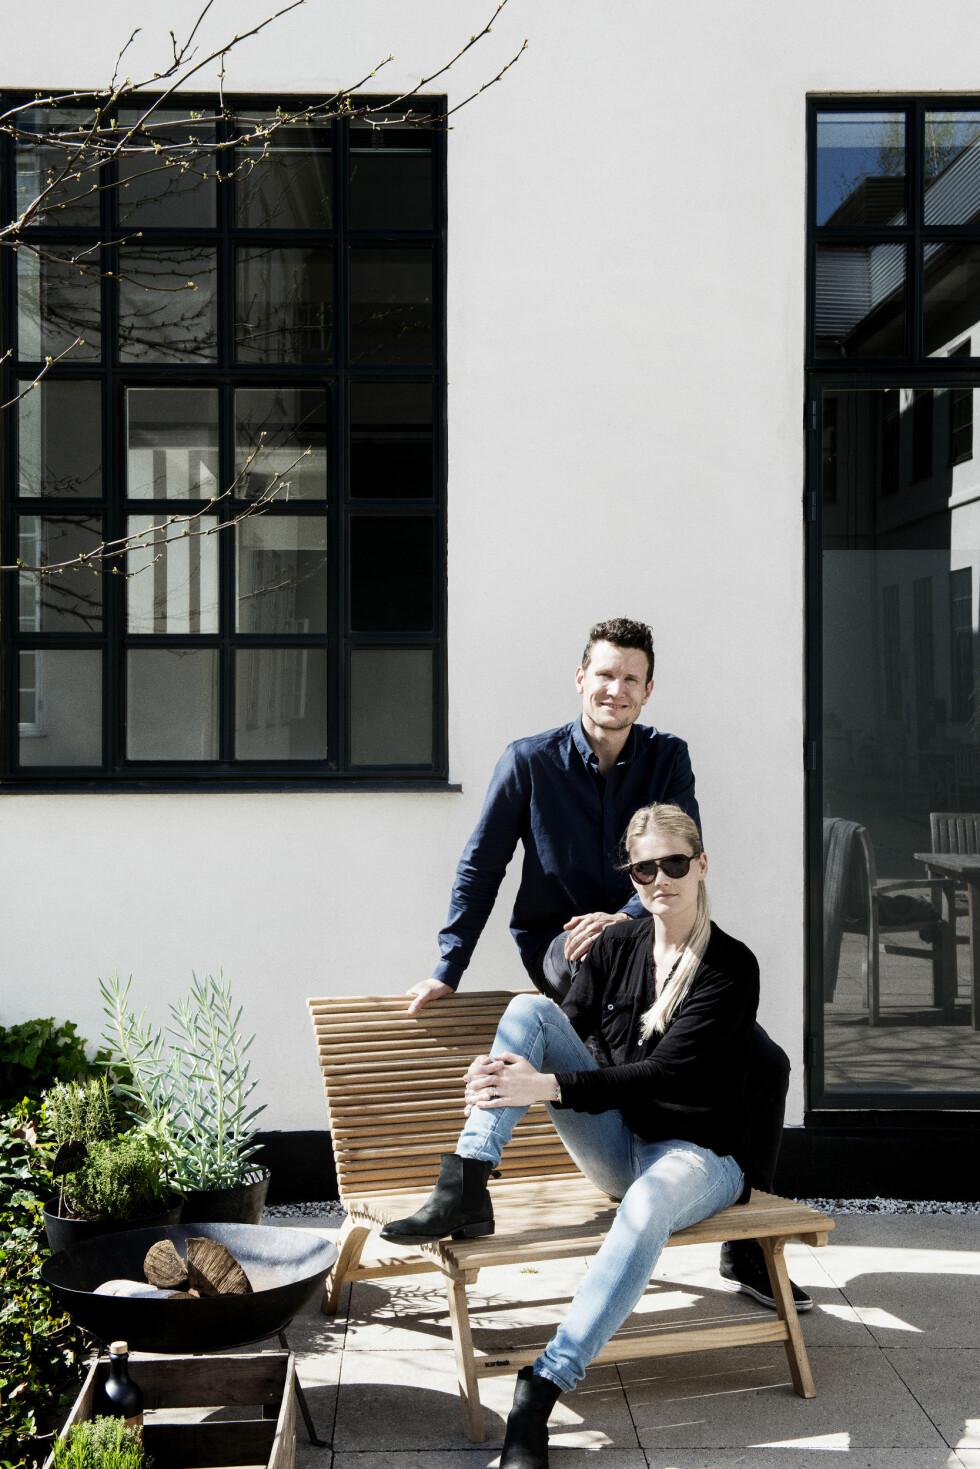 <strong>PERFEKT STED:</strong> Michala og Morten syntes det gamle fabrikklokalet var et perfekt sted for den minimalistiske drømmeleiligheten. Foto: Gyrithe Lemche